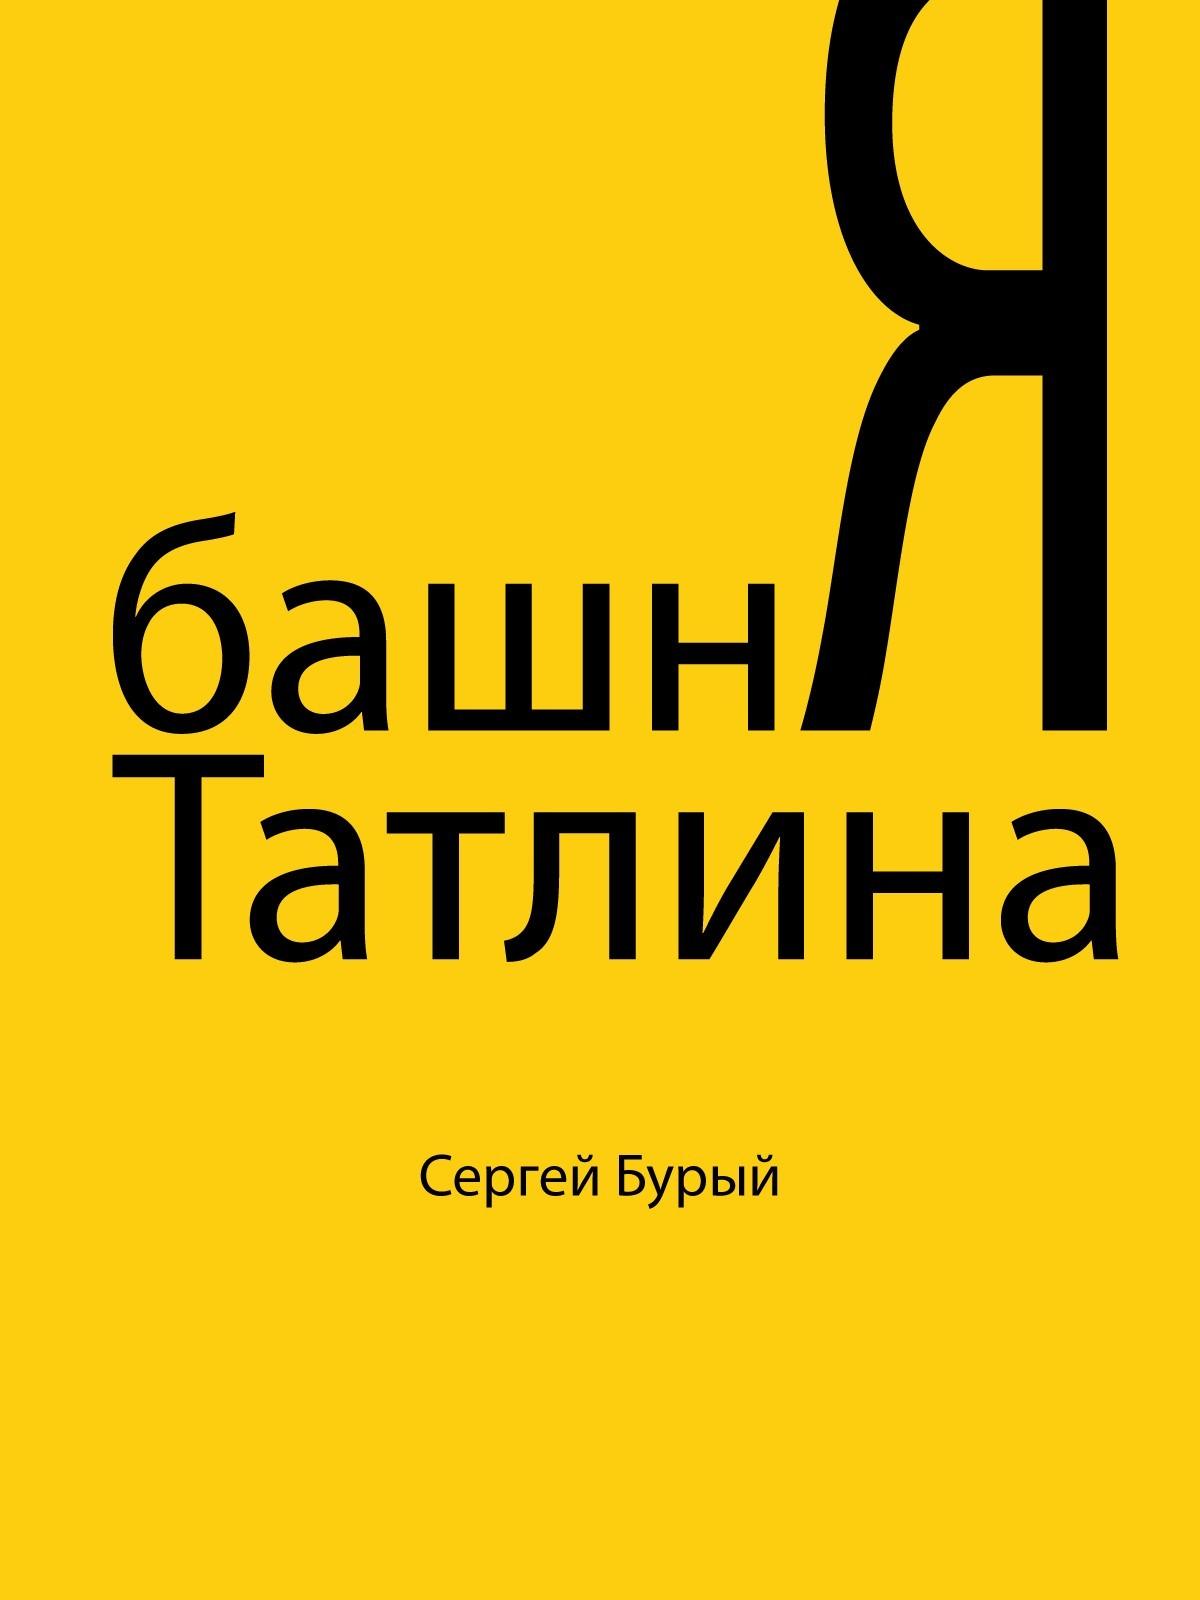 Сергей Бурый - Башня Татлина